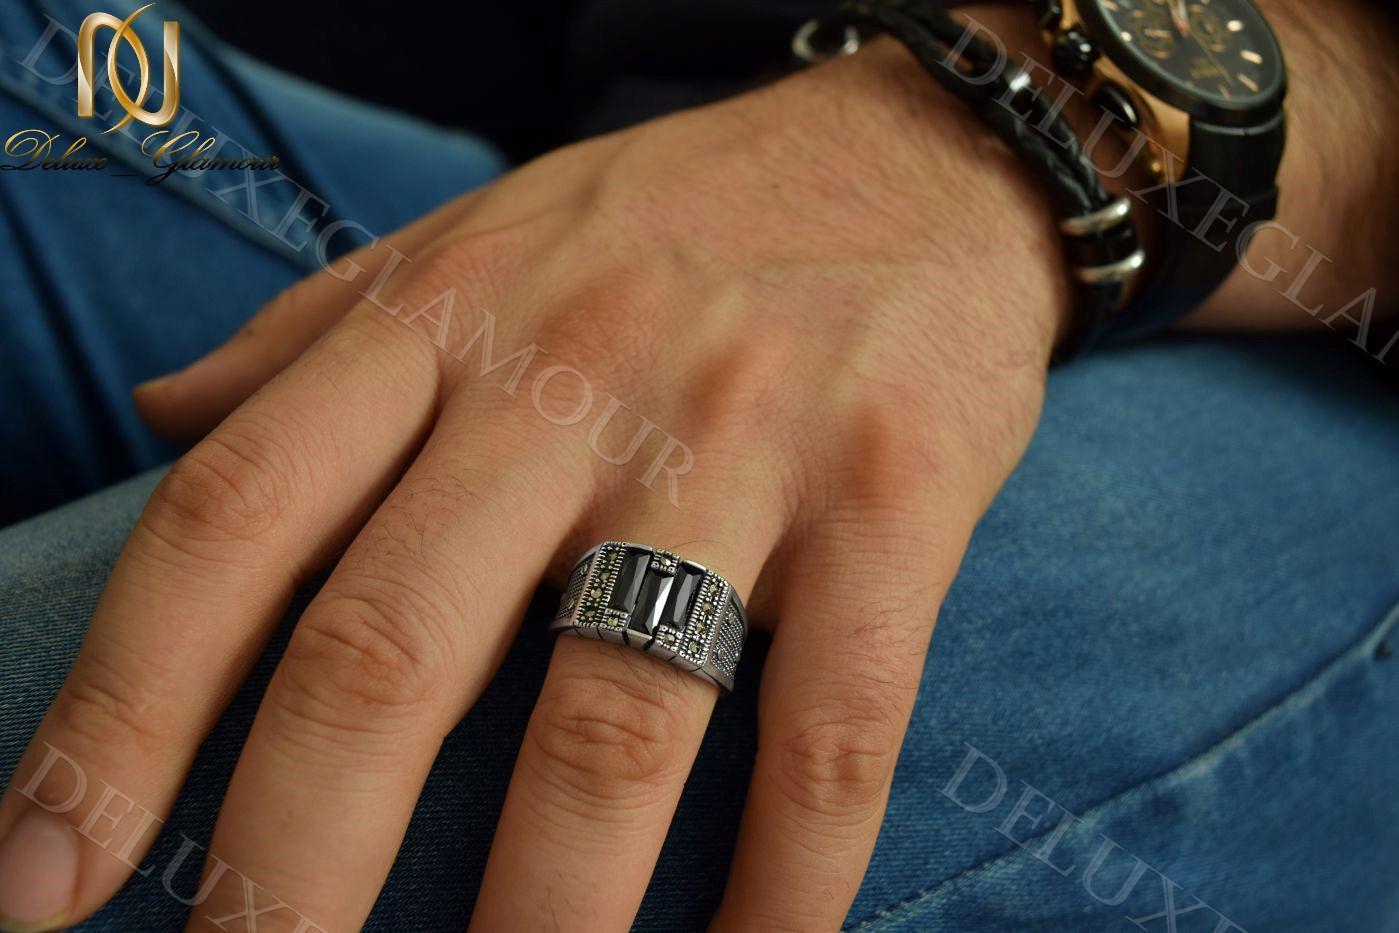 انگشتر نقره مردانه با عقیق مشکی و مارکازیت Rg-n209 (3)